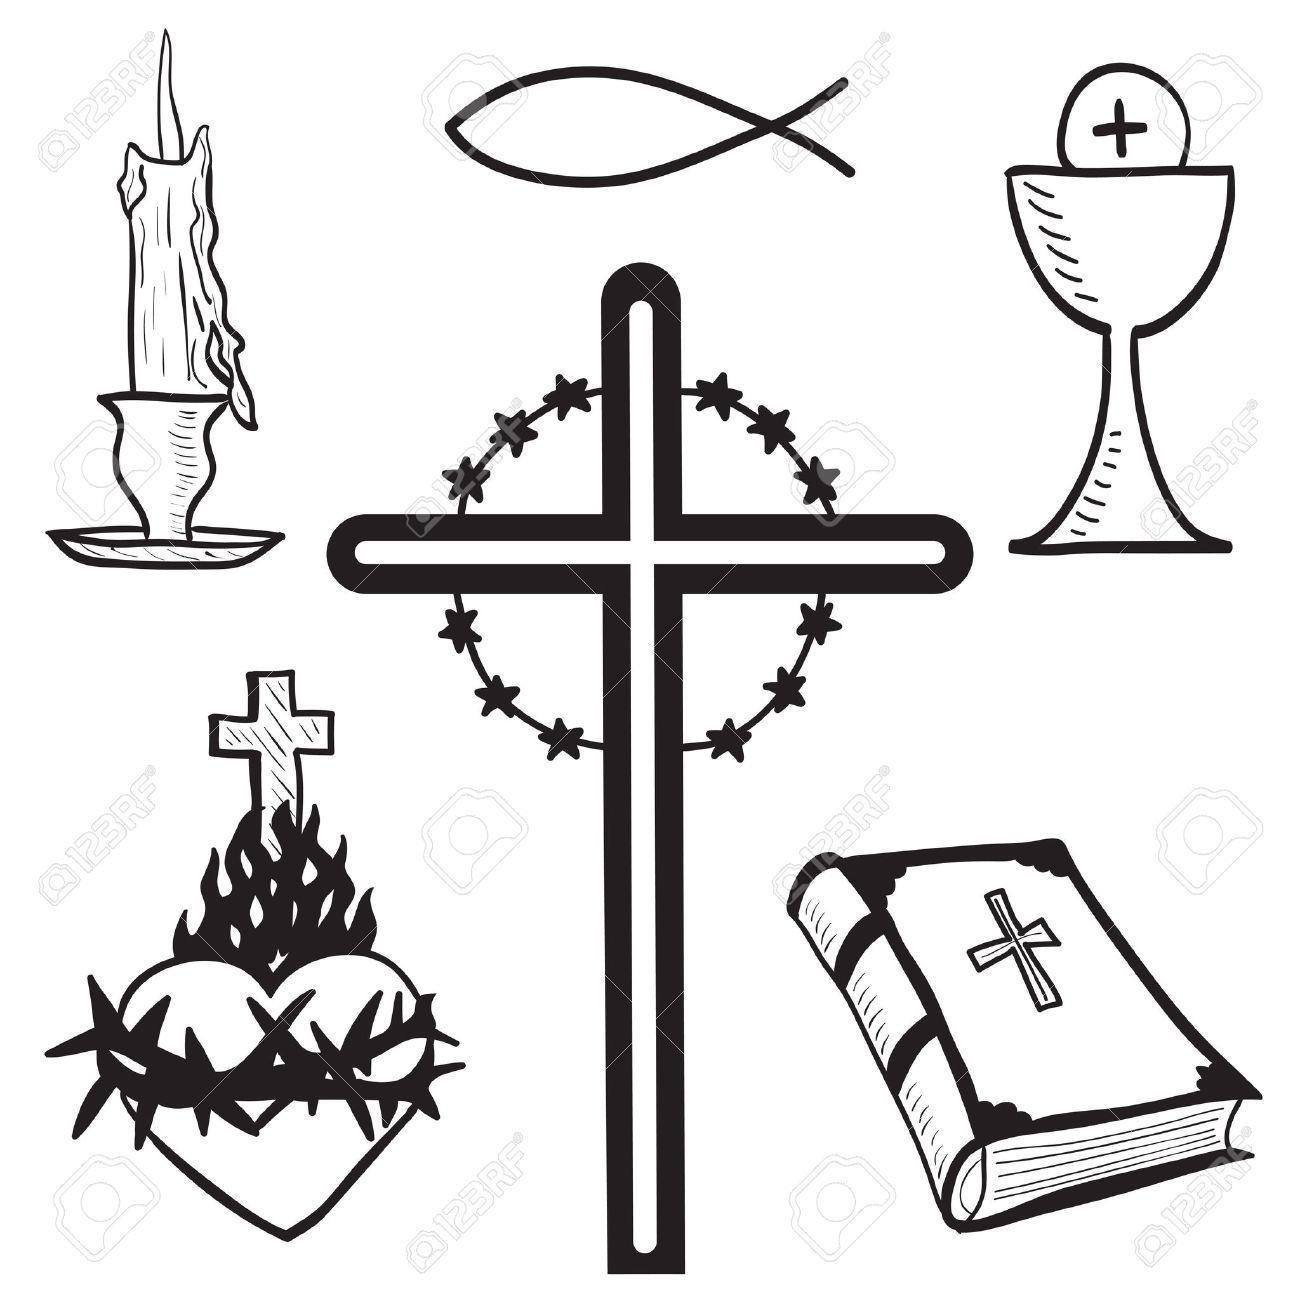 Christian dibujado a mano ilustración de los símbolos - vela, cruz ...